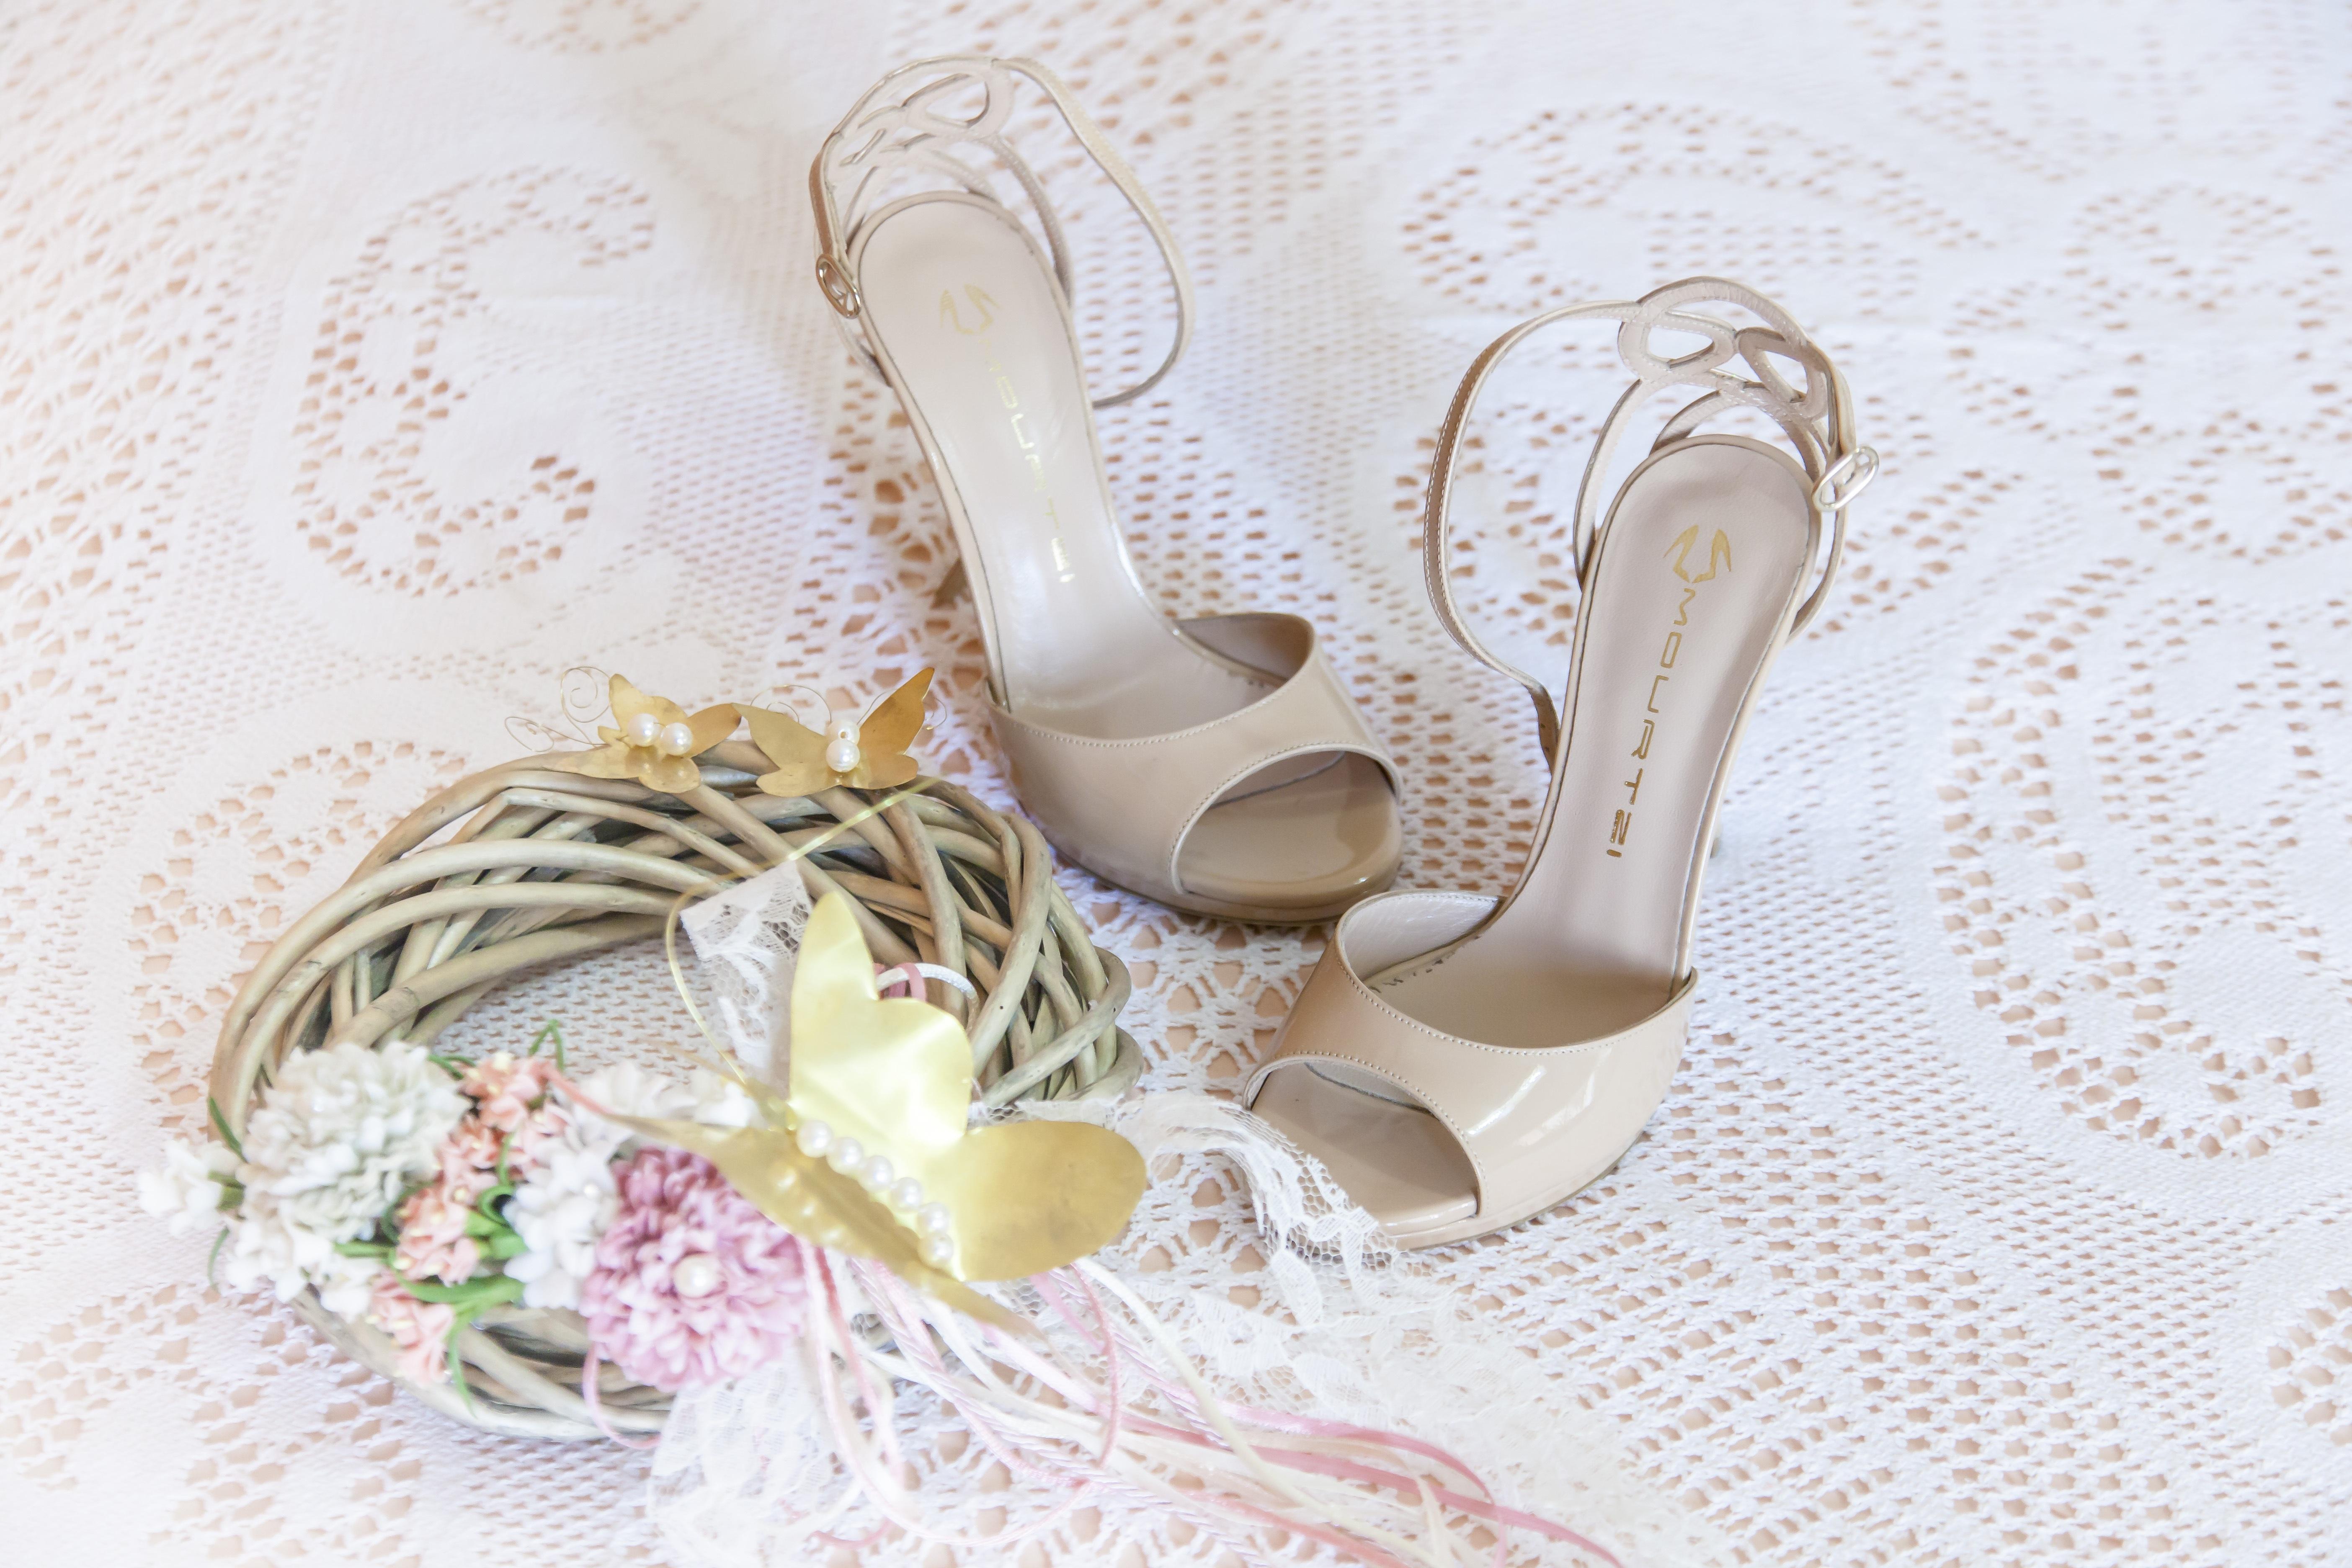 sepatu wanita bunga daun bunga dekorasi warna kupu kupu pengantin pernikahan mahkota sandal alas kaki